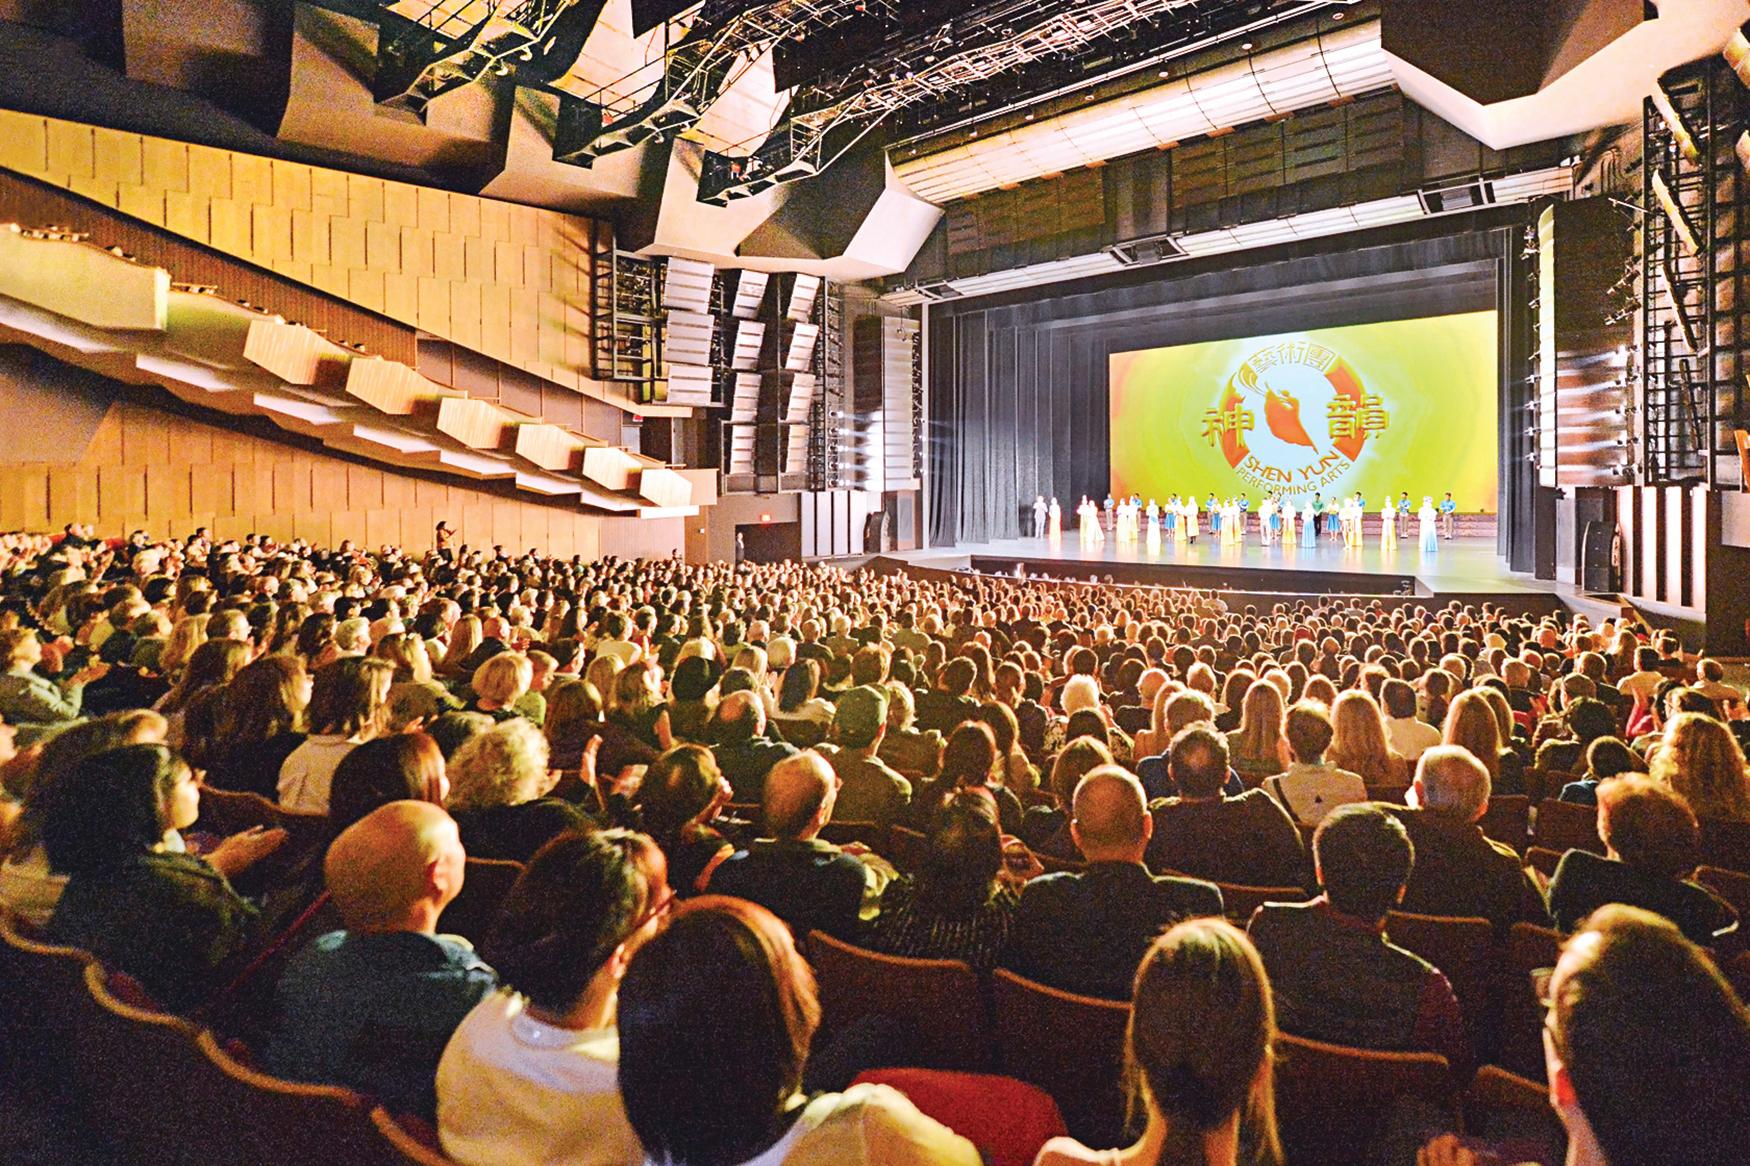 3月31日下午,神韻巡迴藝術團在溫哥華的第10場,也是今年在溫哥華的最後一場演出。(大宇/大紀元)